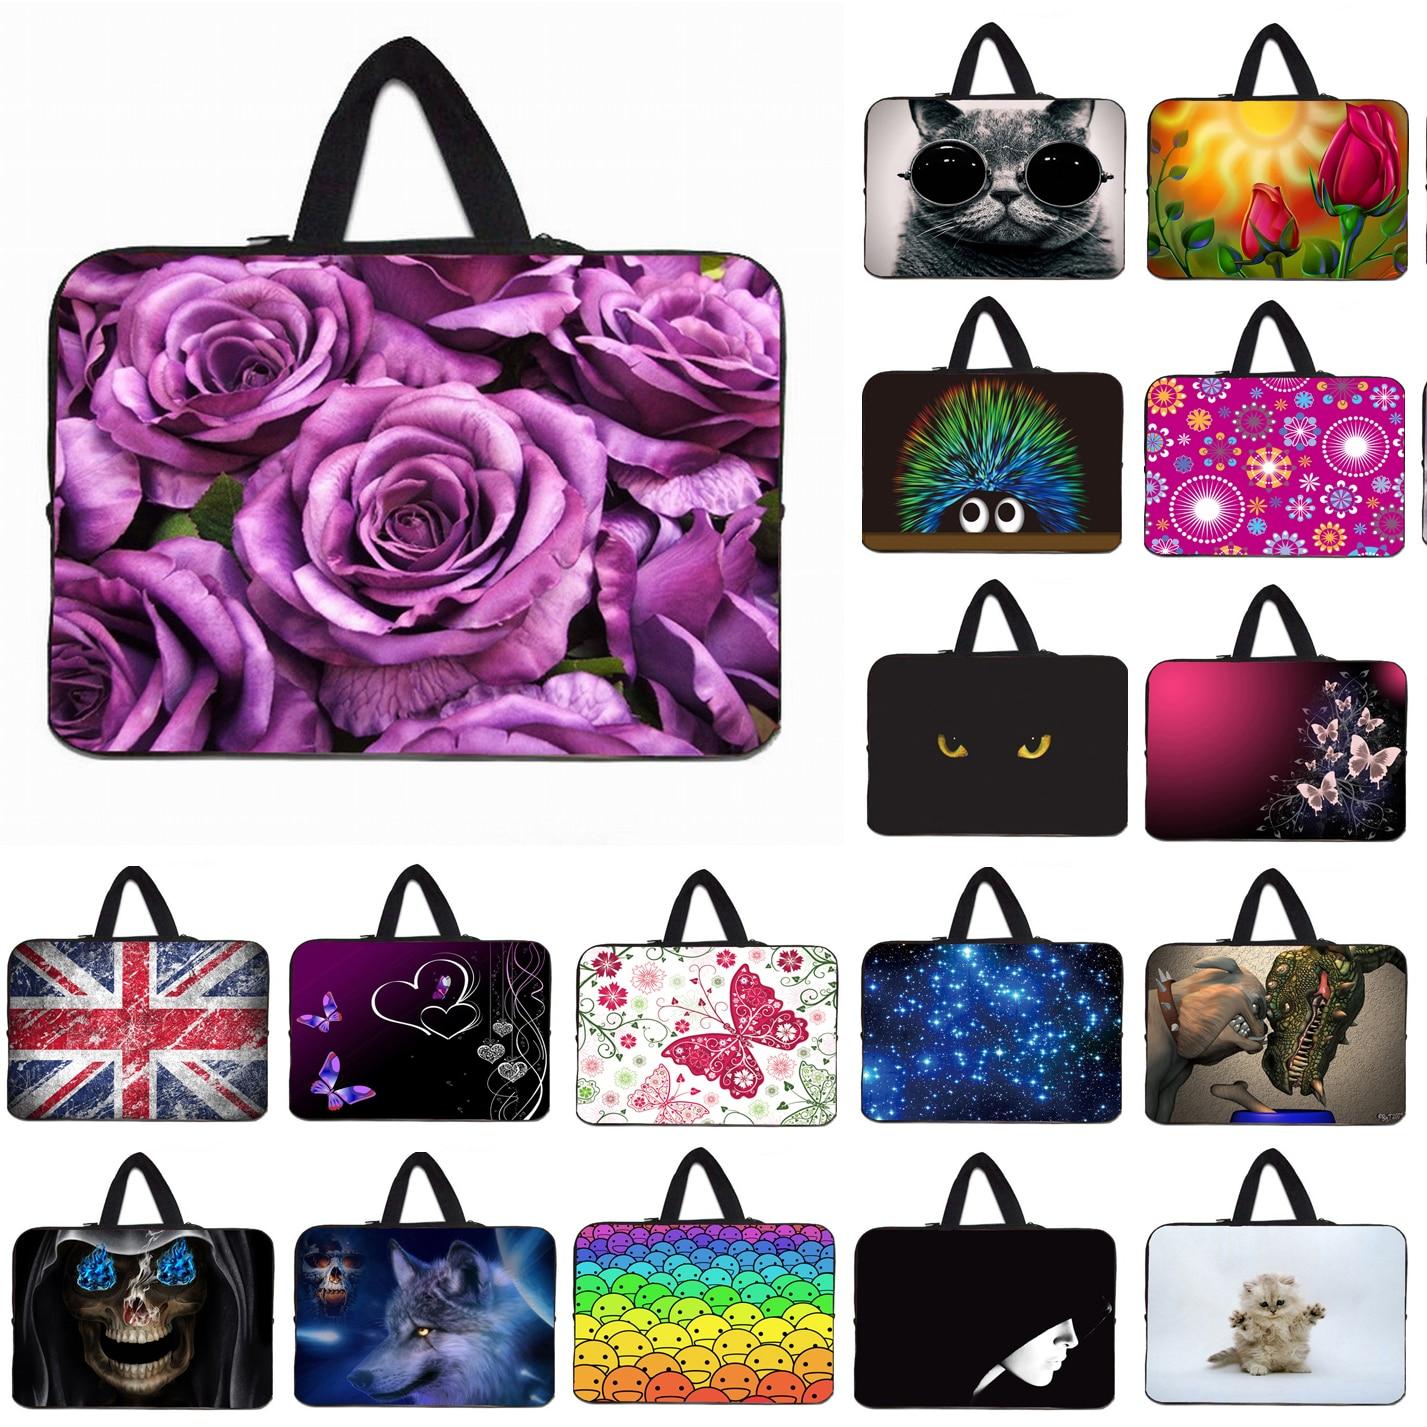 14 inch Laptop Bag Case Pouch For Dell ASUS Acer Lenovo Zipper Neoprene Shockproof Netbook Notebook Inner Shell Bags For Women